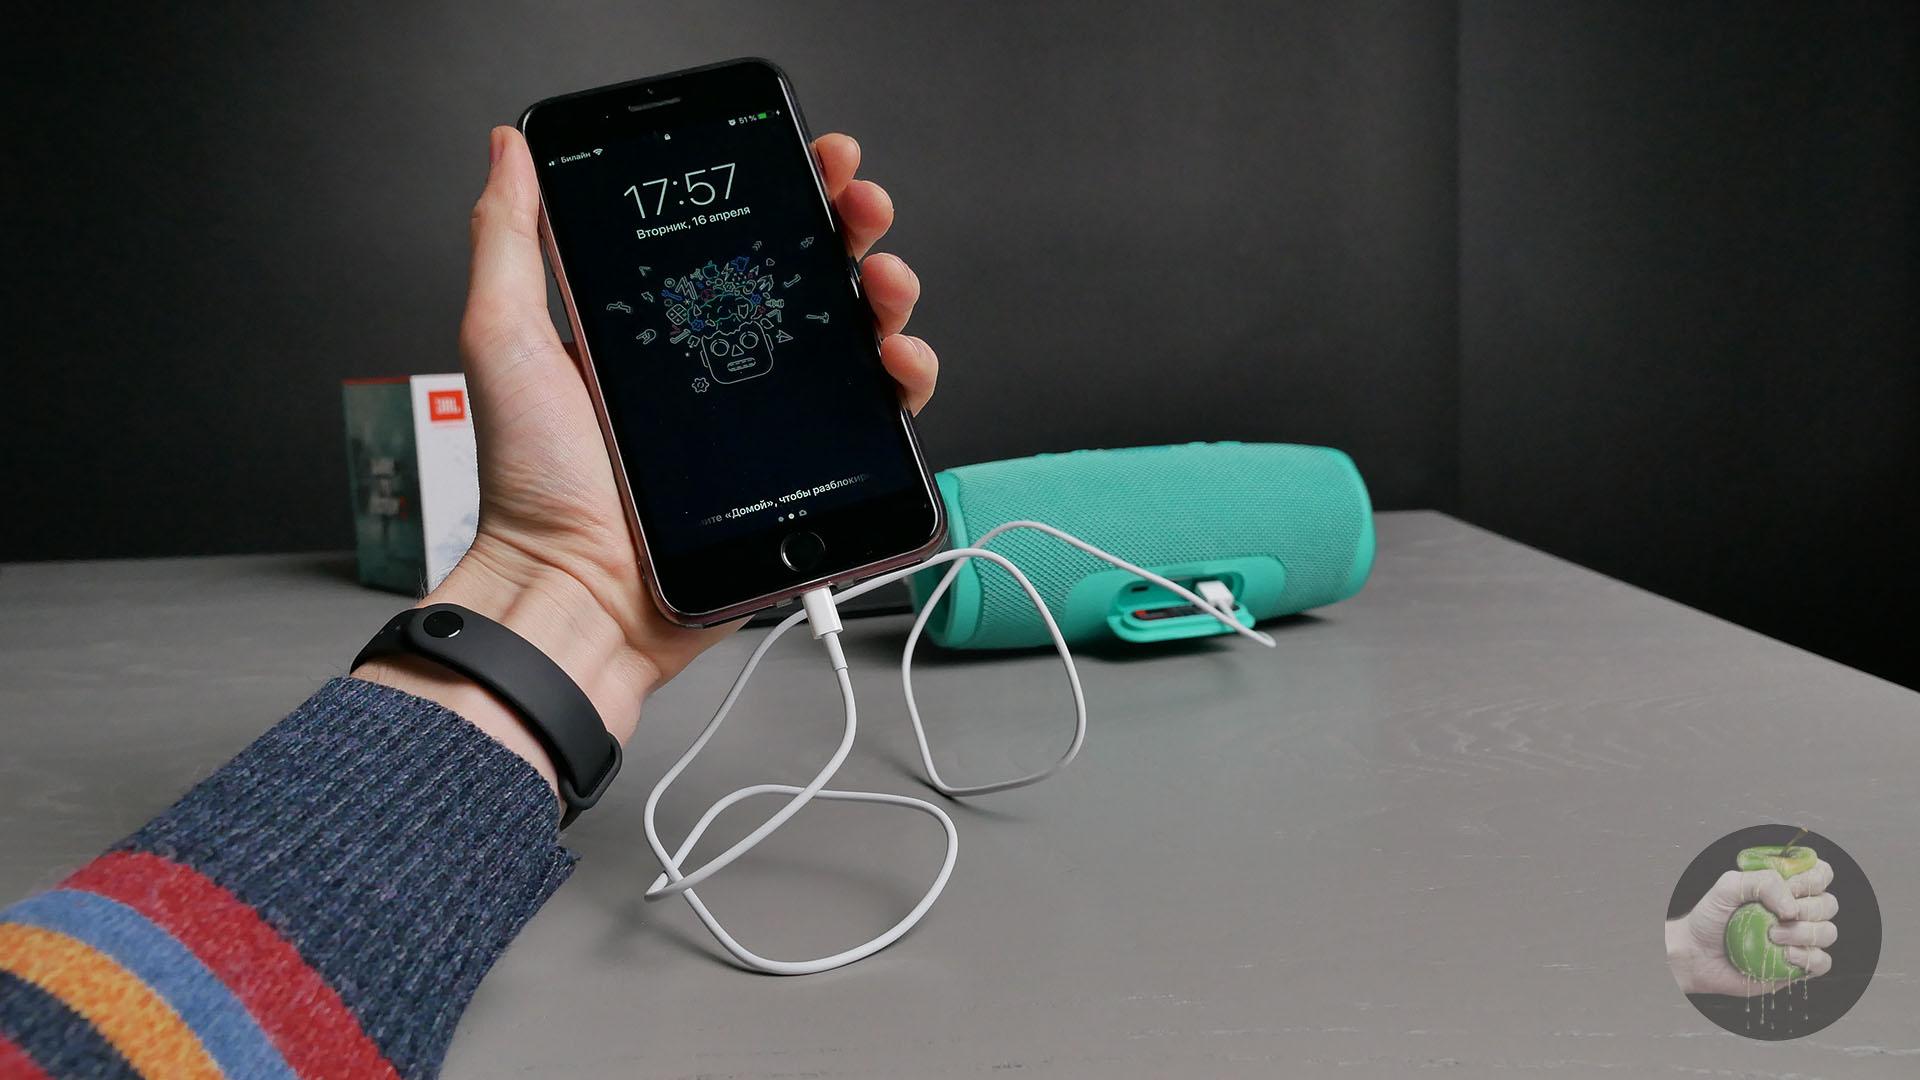 JBL-Charge-4-charging.jpg